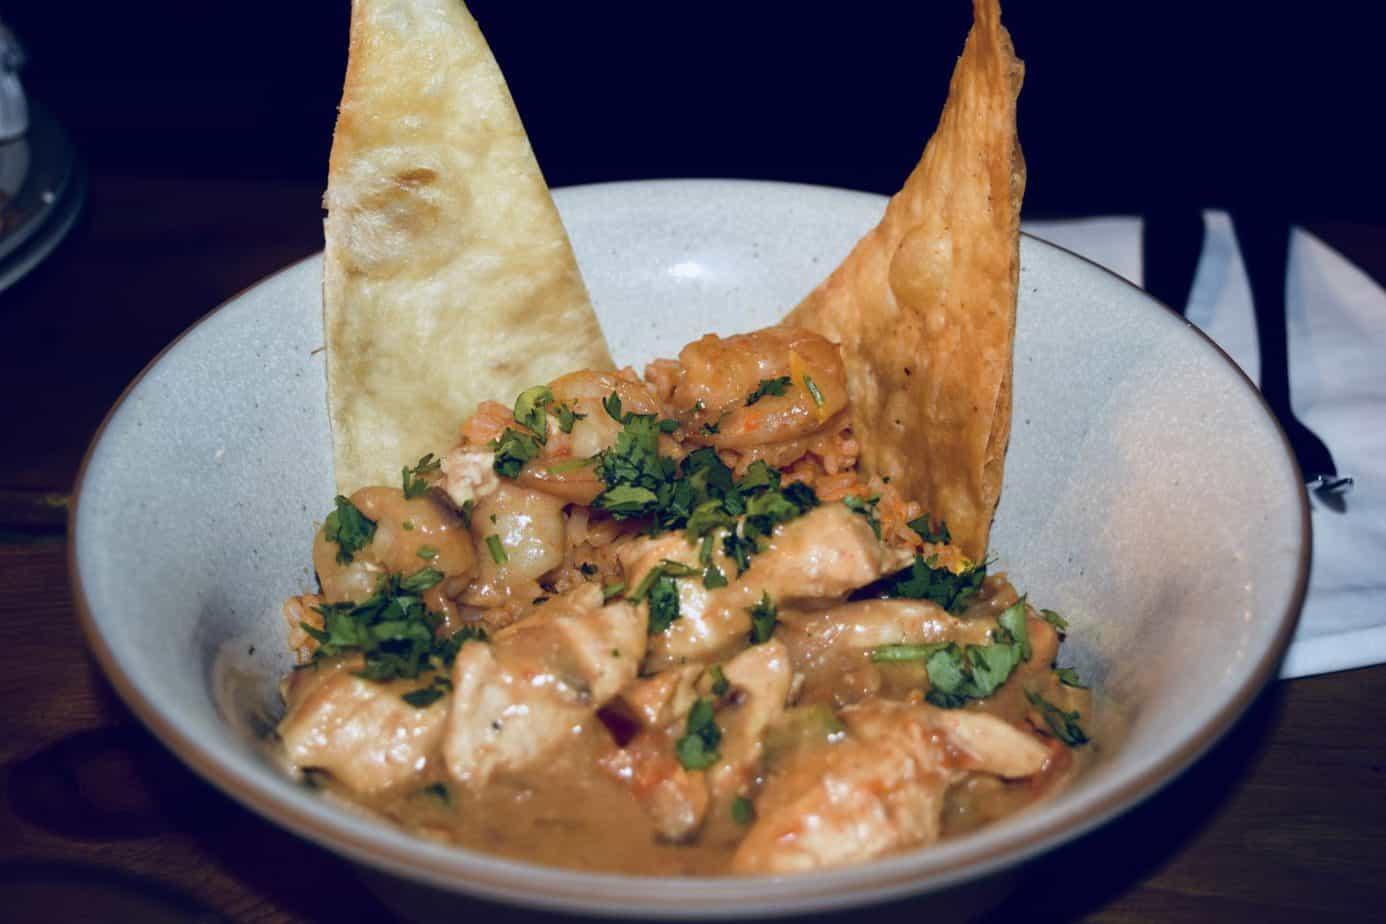 Xim Xim dish served at Bodega